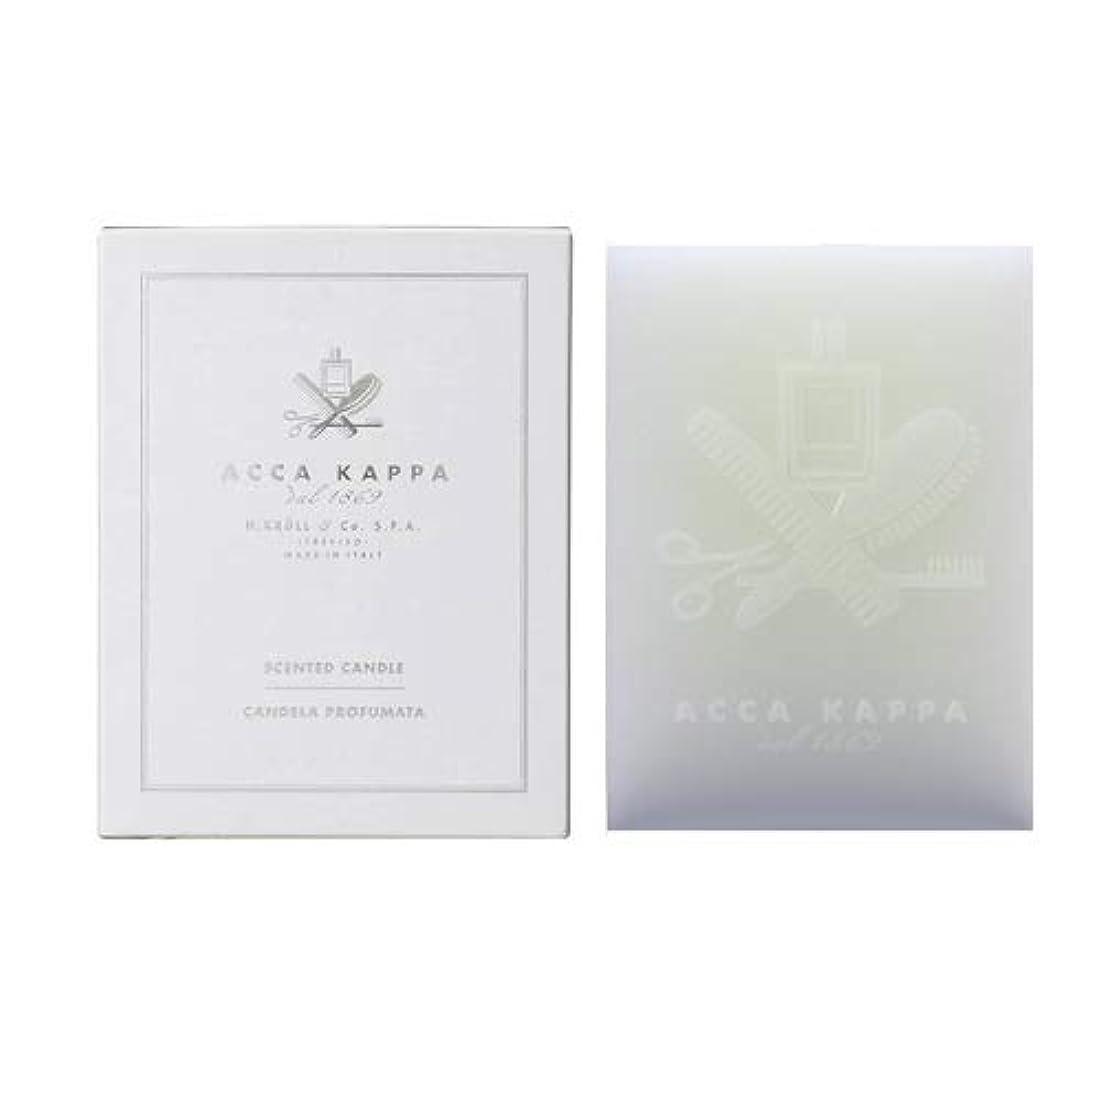 ためらうマート有毒【アッカカッパ】ホワイトモスキャンドル 1000g